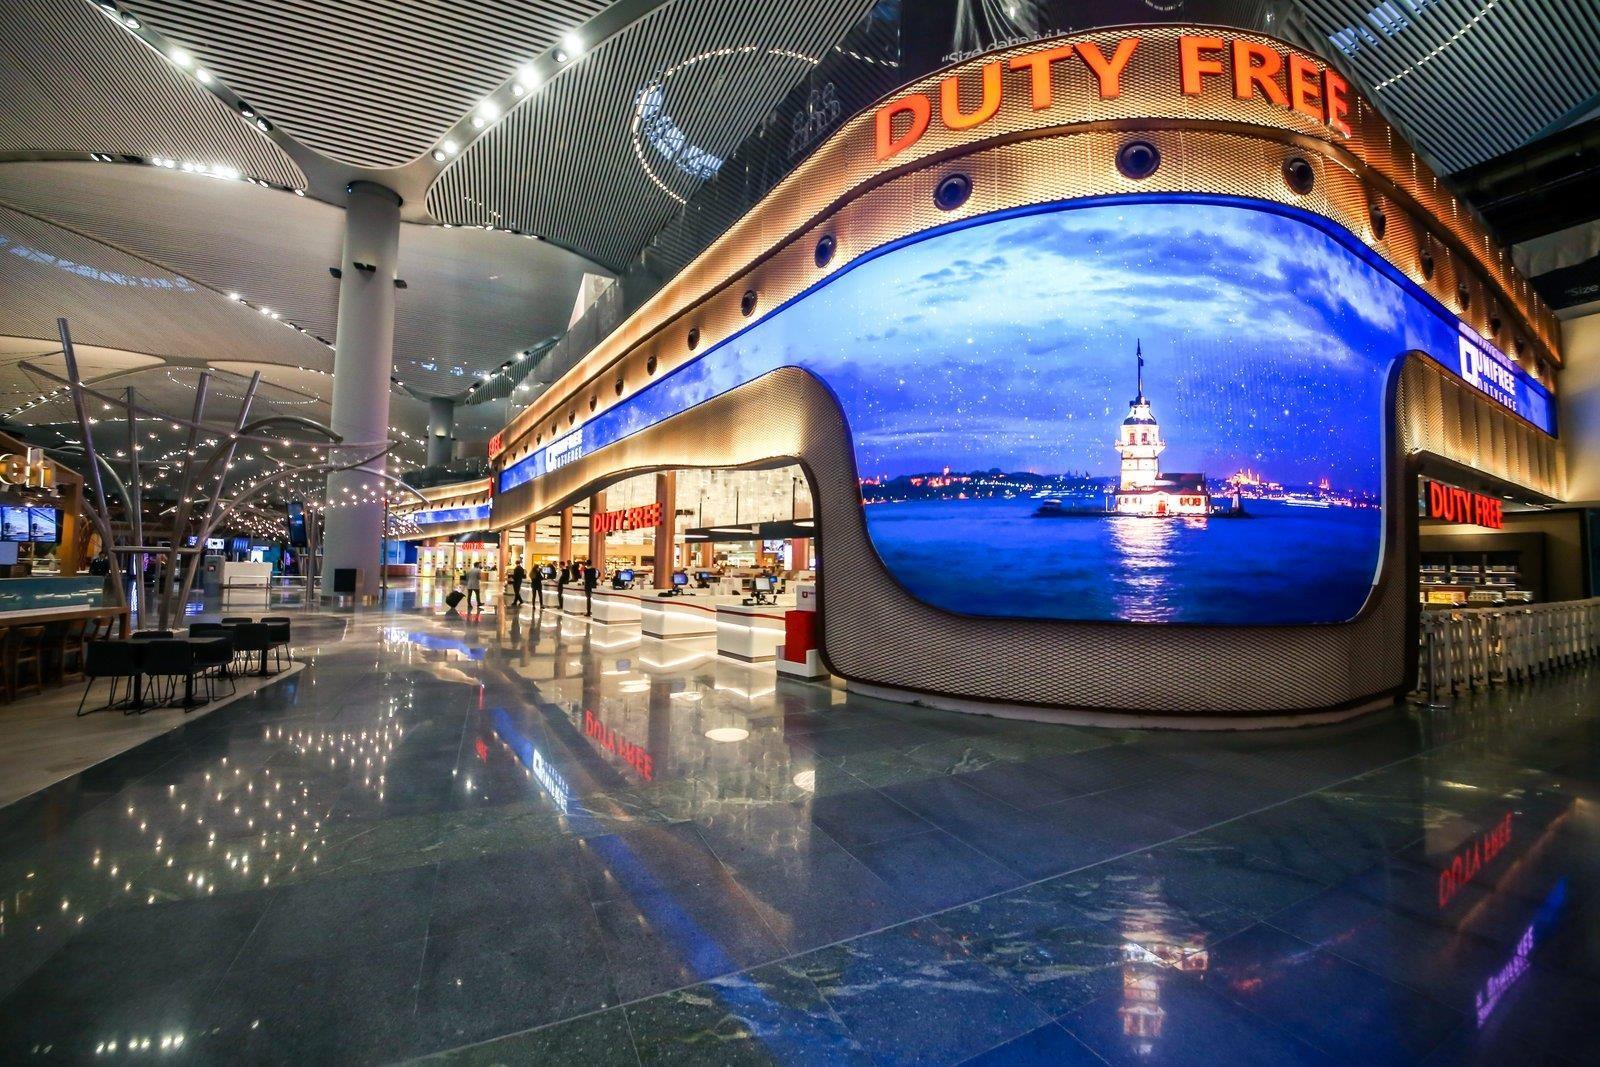 Siêu sân bay 12 tỷ USD của Thổ Nhĩ Kỳ chính thức mở cửa, ai cũng tò mò không biết có gì bên trong - Ảnh 8.